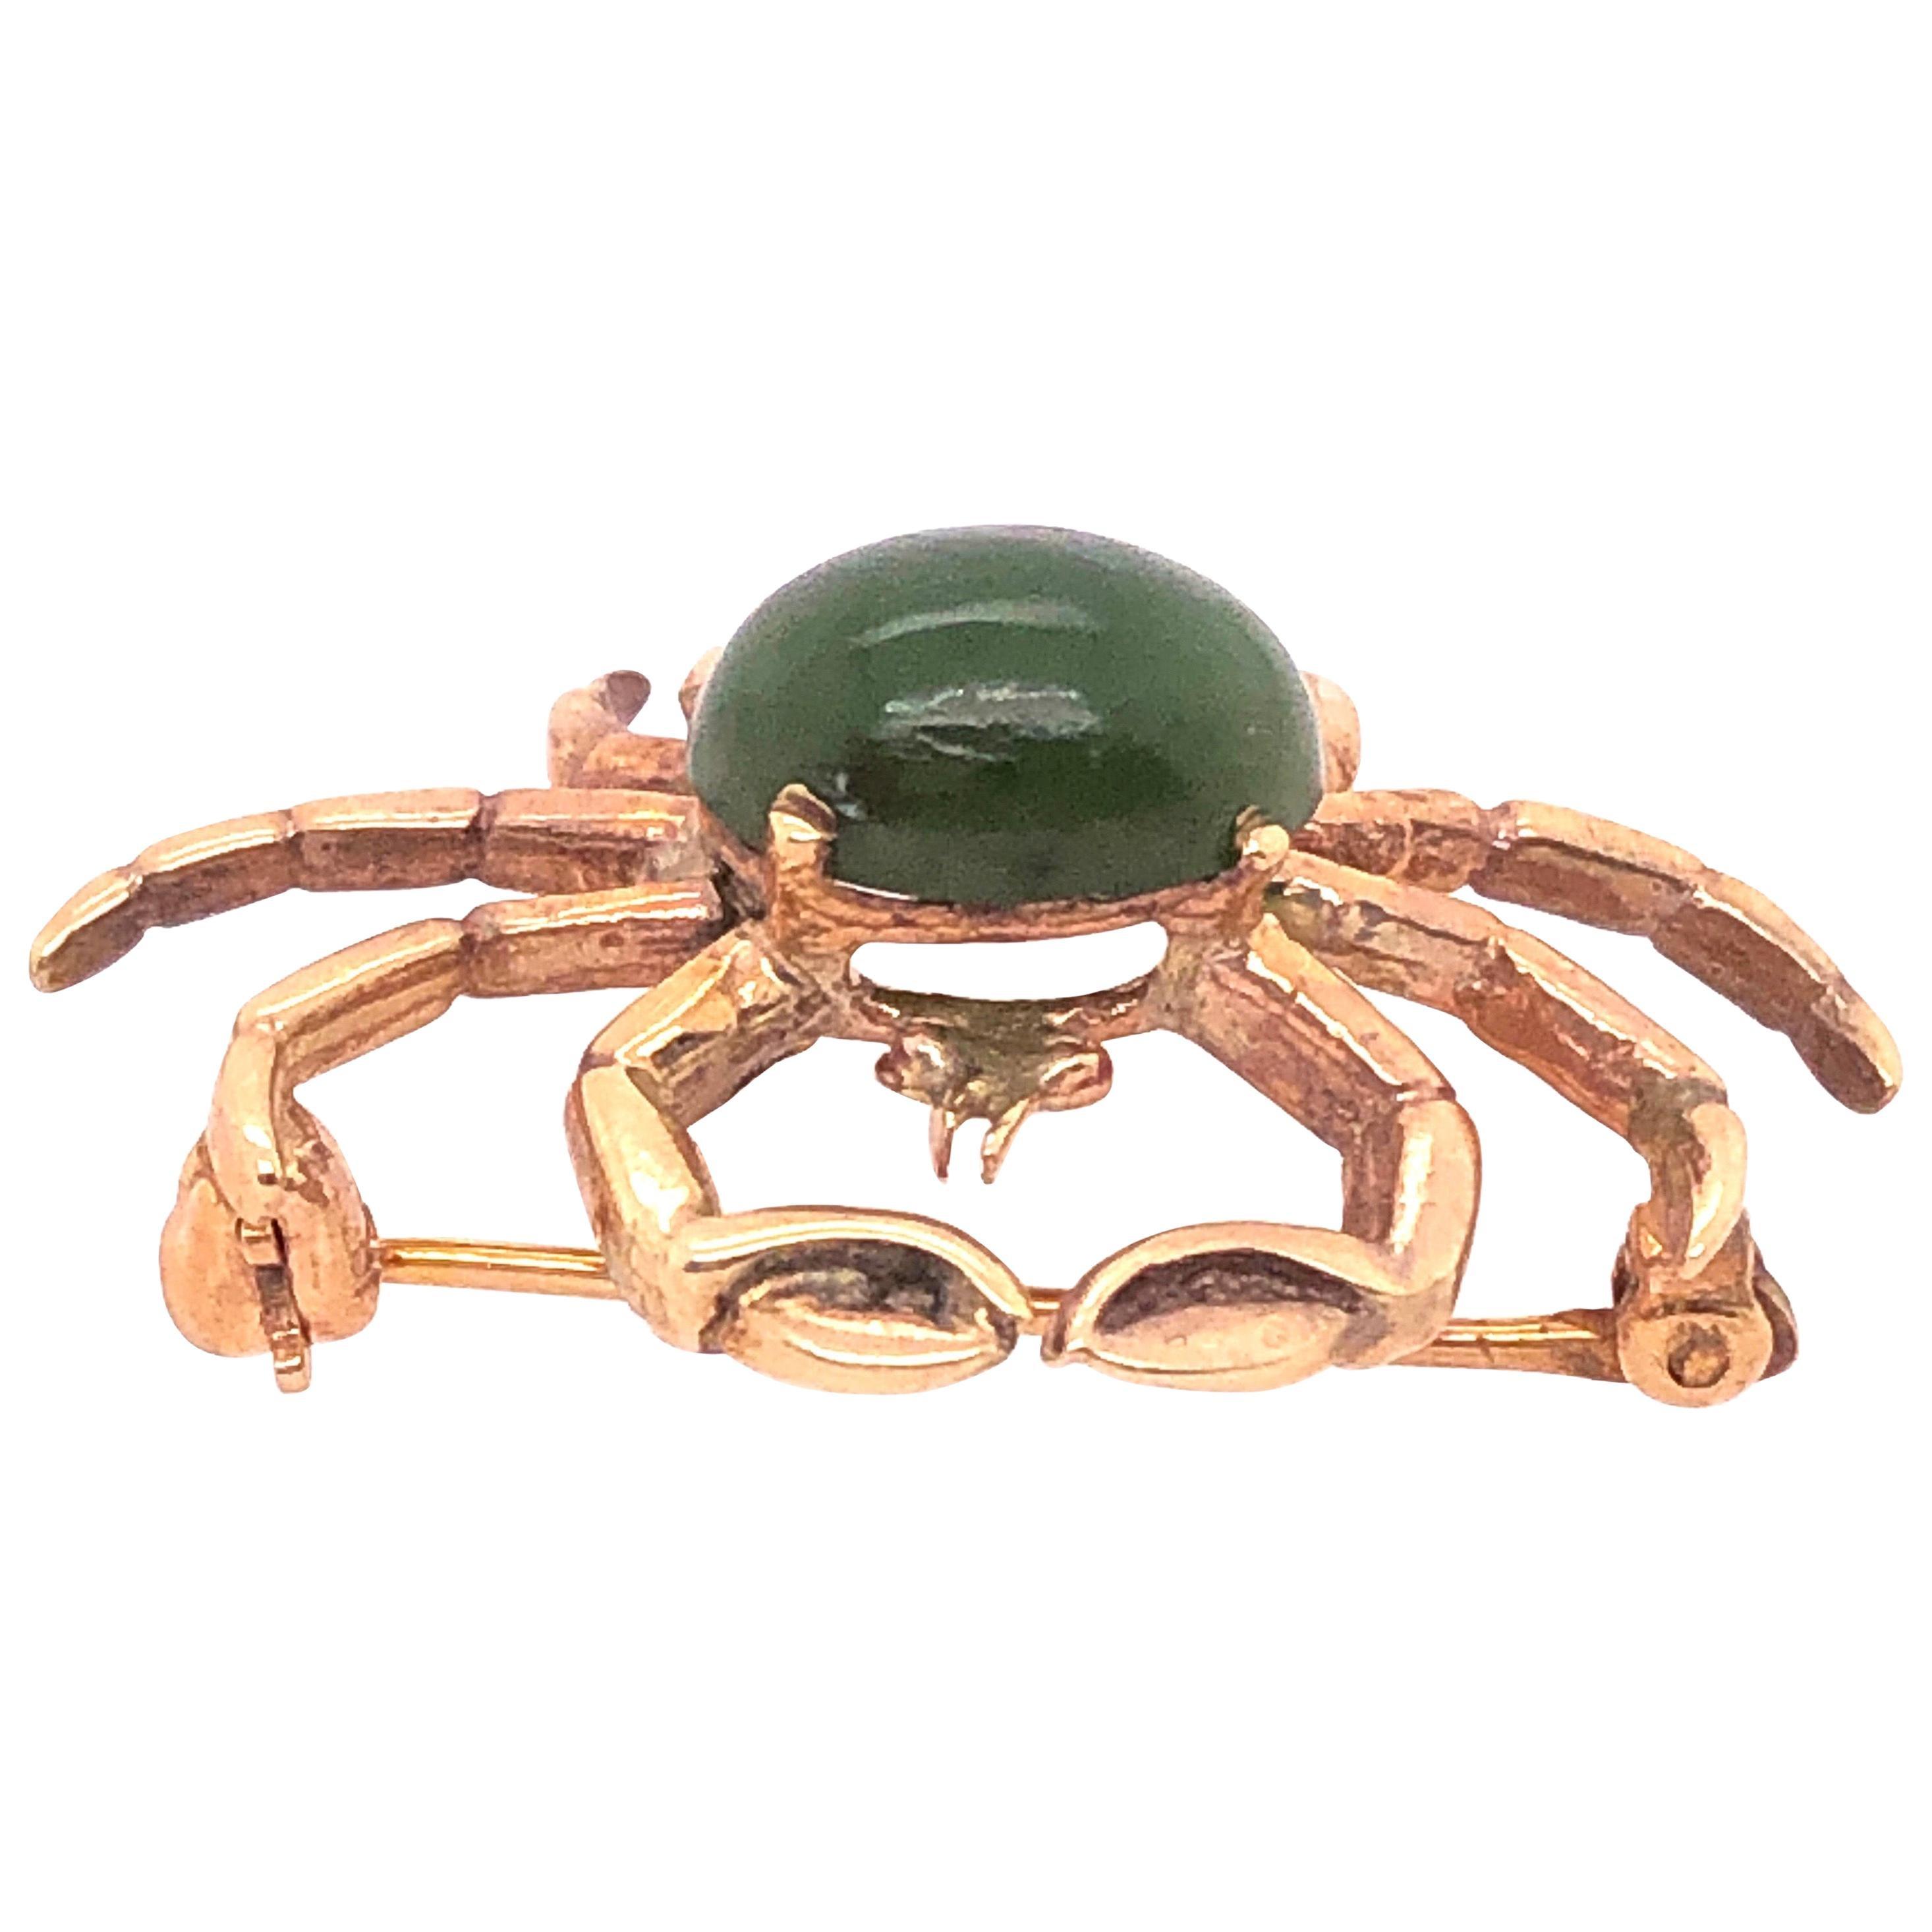 14 Karat Yellow Gold and Emerald Cabochon Crab Brooch / Pin